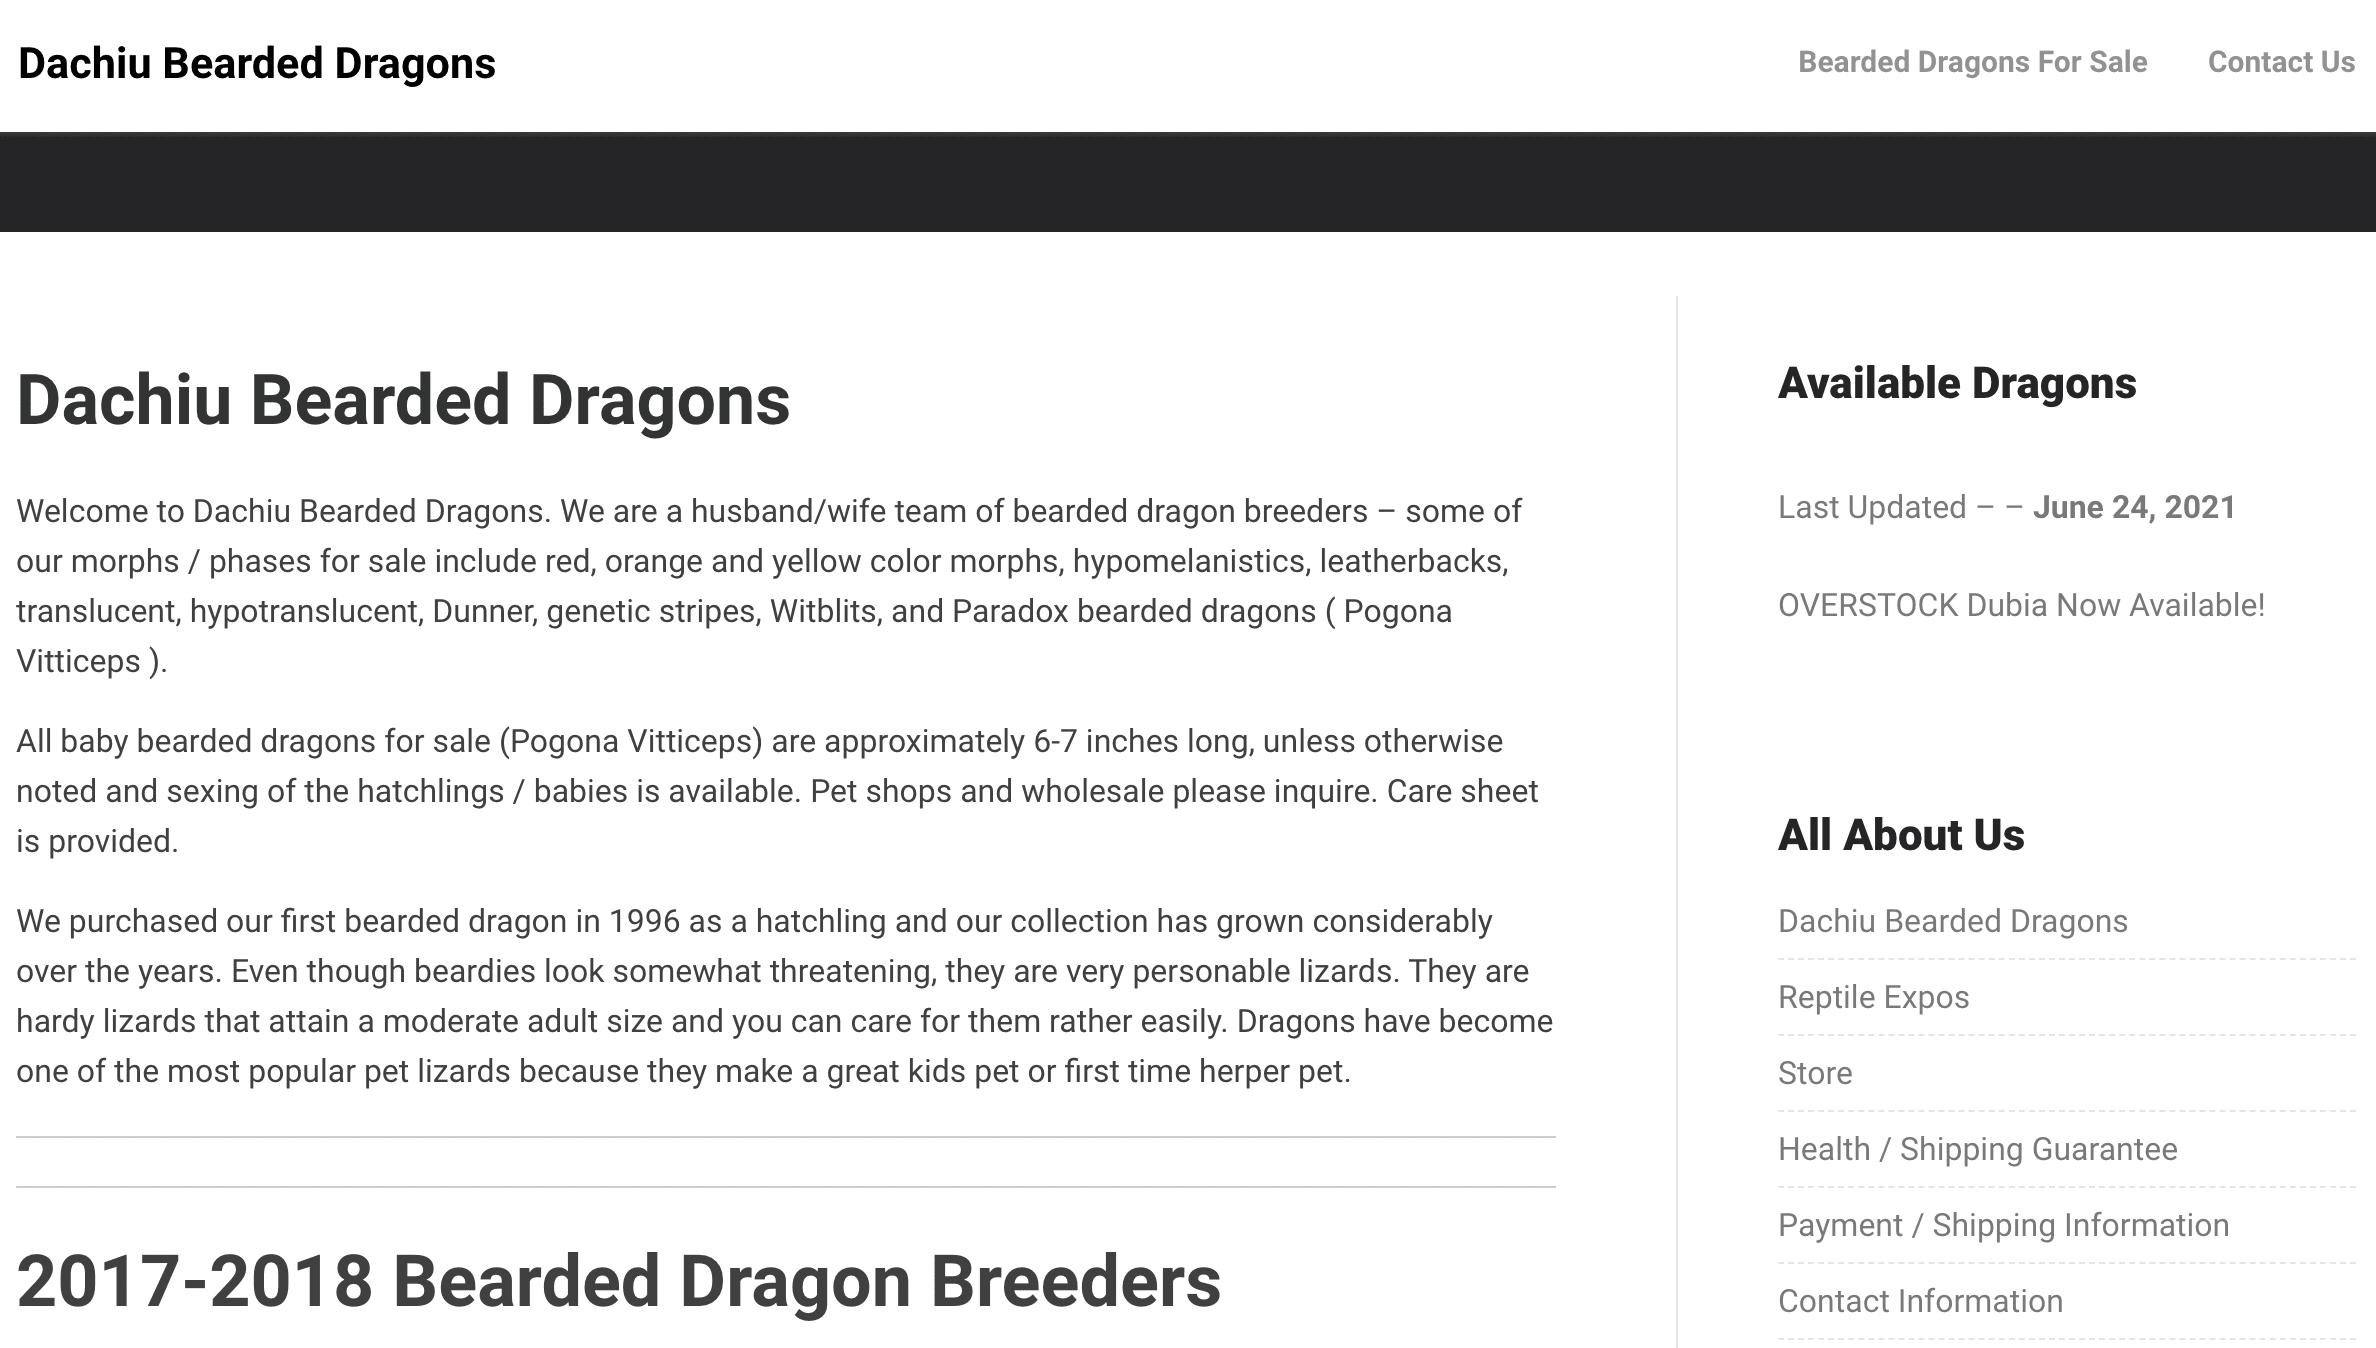 Dachiu Bearded Dragons